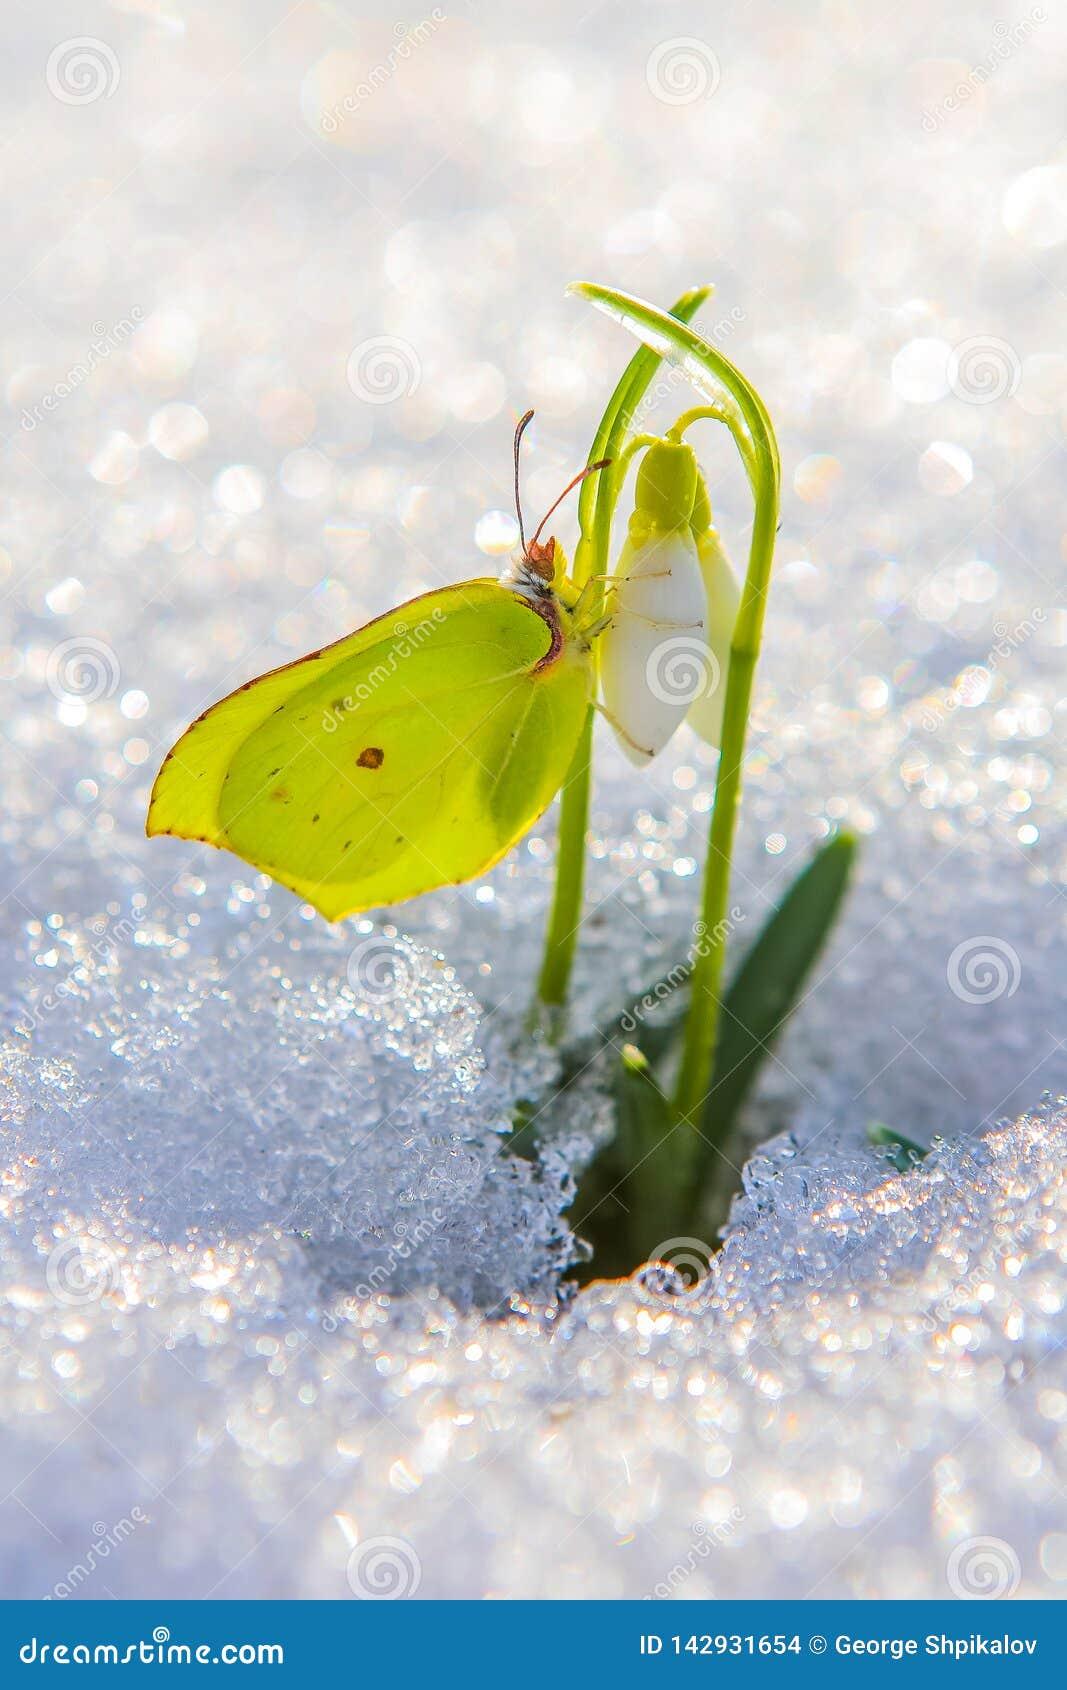 Piękny motyl wspina się w górę pierwszy śnieżyczka kwiatów nadchodzących za istnym śniegu w jaskrawym słońcu od, pionowo